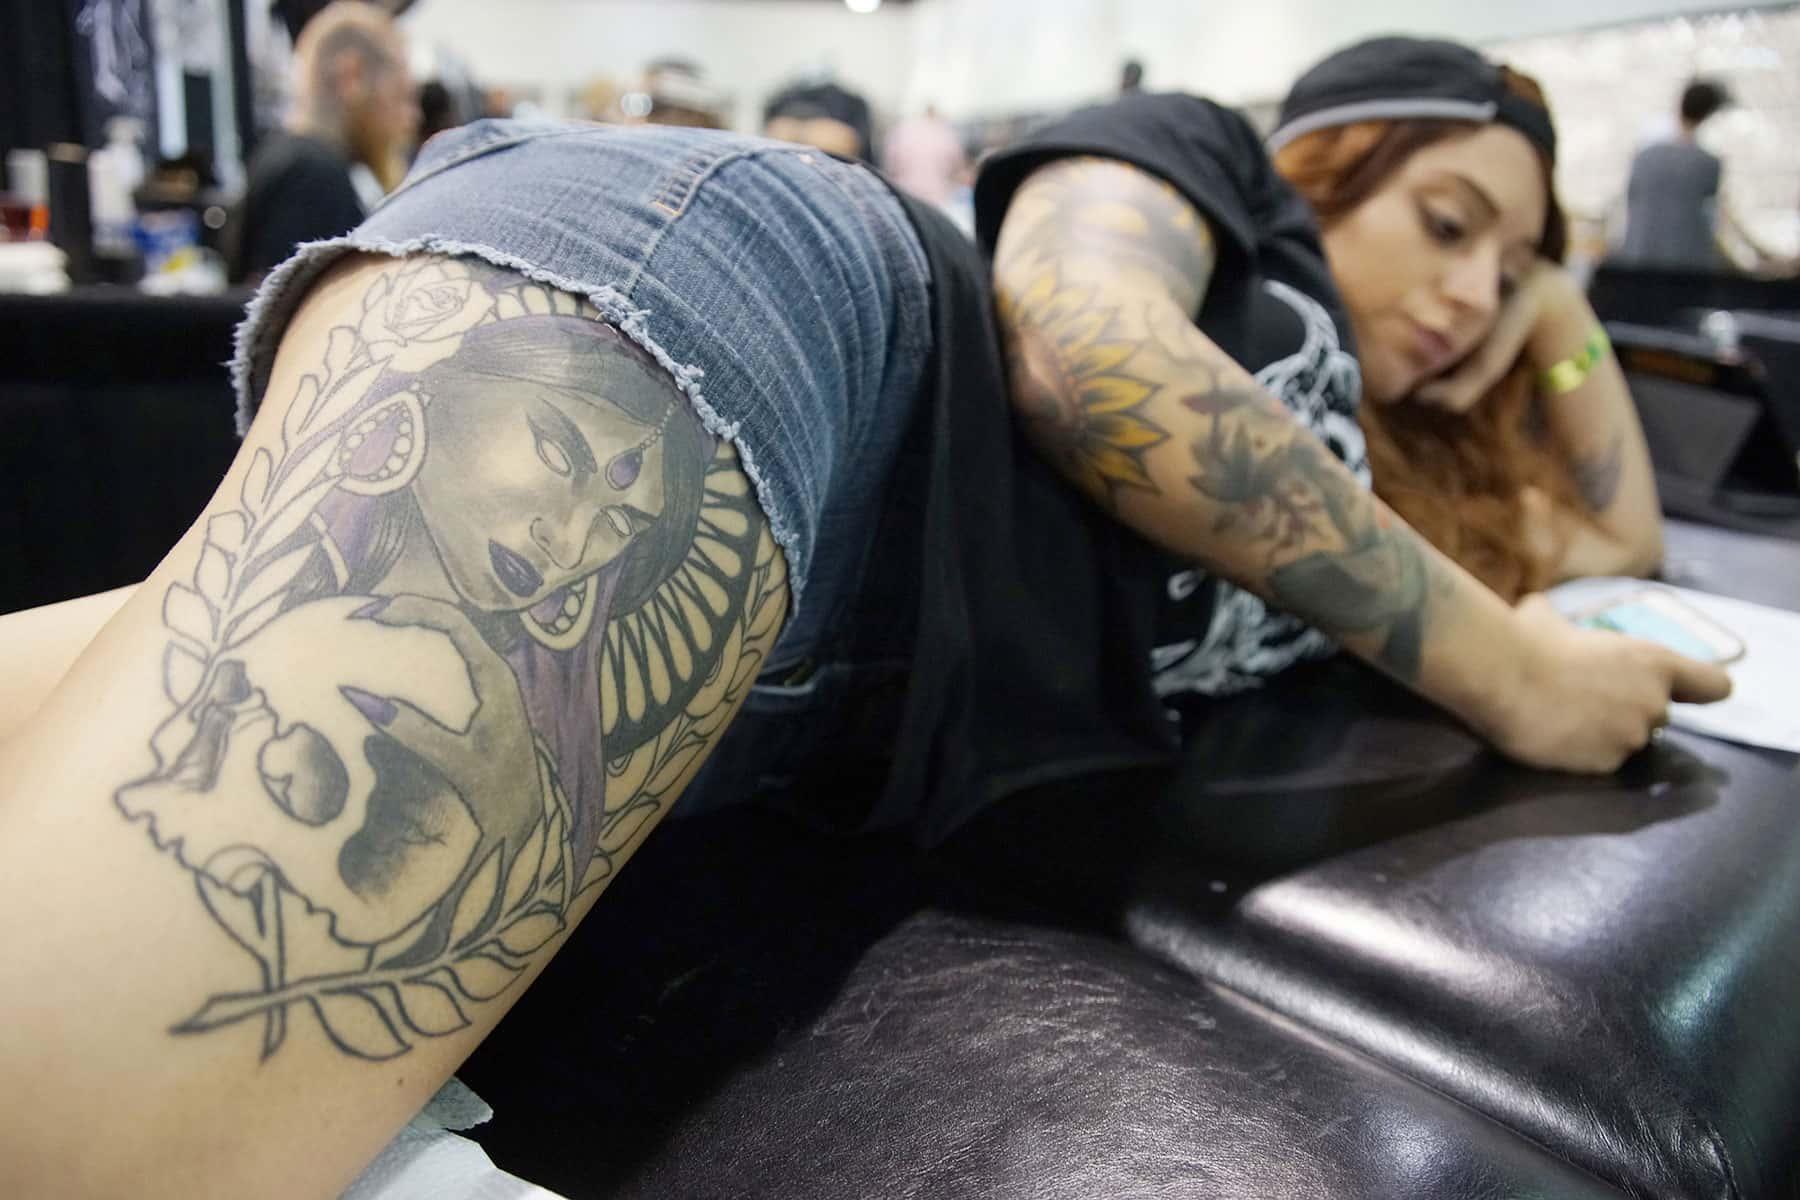 03_091517_tattooarts_0715